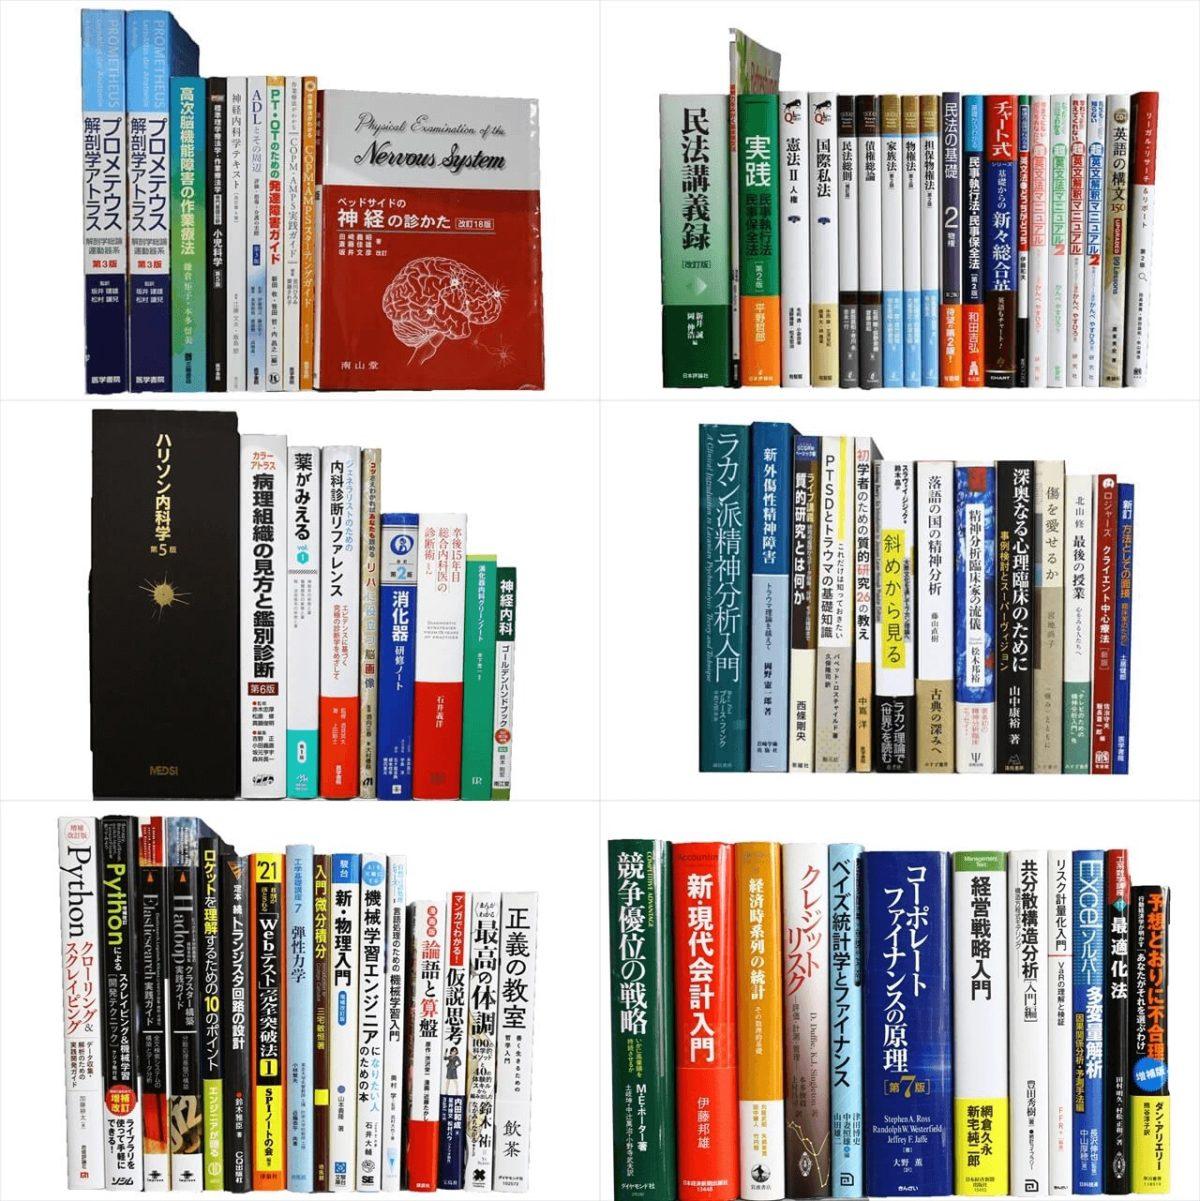 【2021年版】大学の教科書・専門書の高価買取商品と高く売るコツまとめ